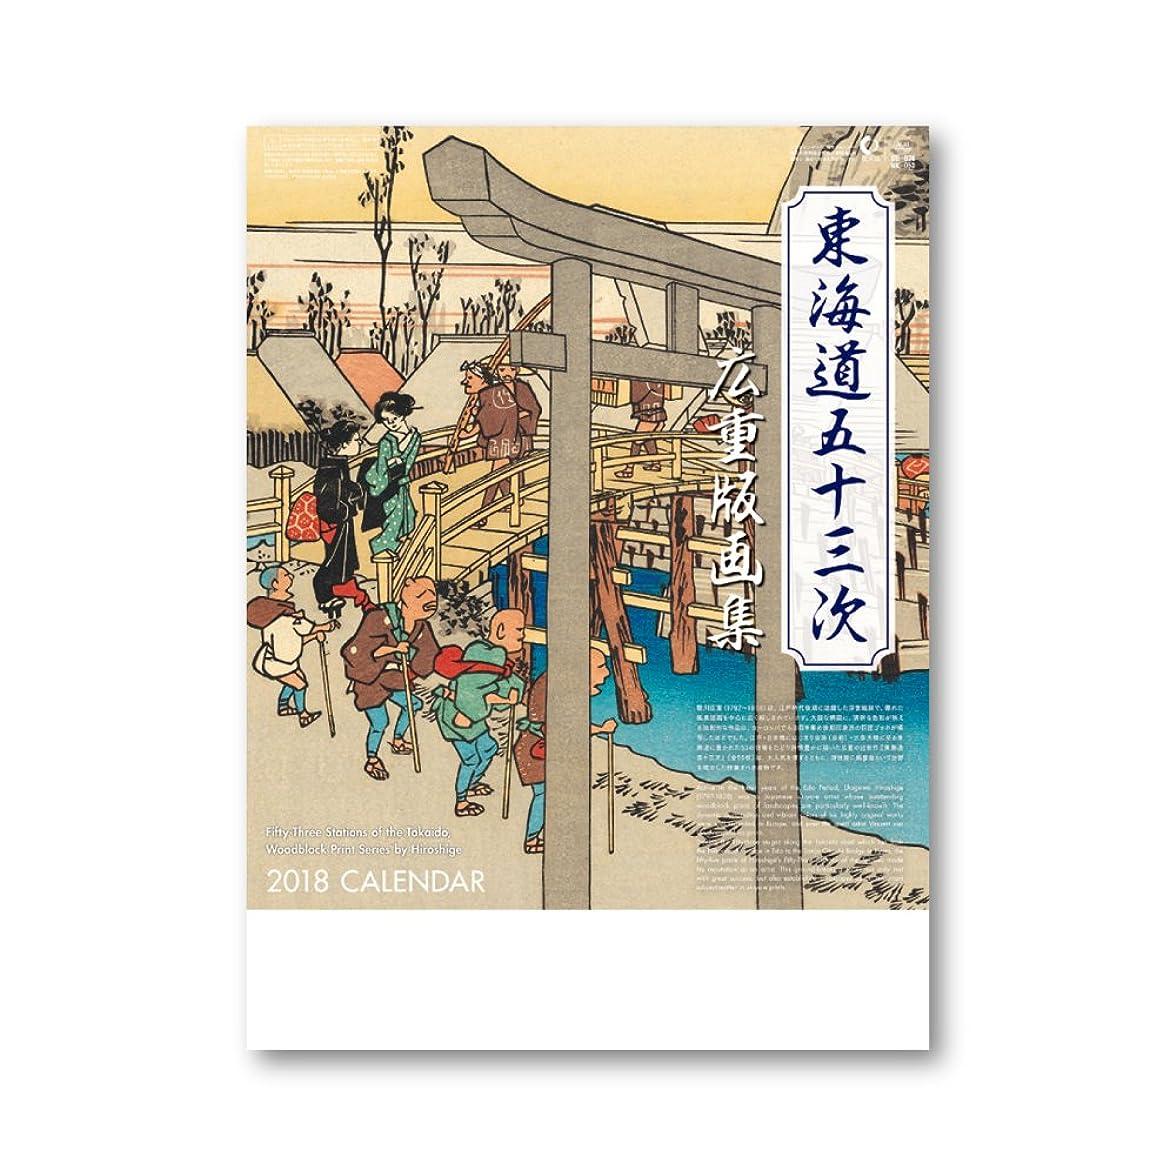 ベアリングサークル用心する標準新日本カレンダー 2018年 東海道五十三次 カレンダー 壁かけ NK53